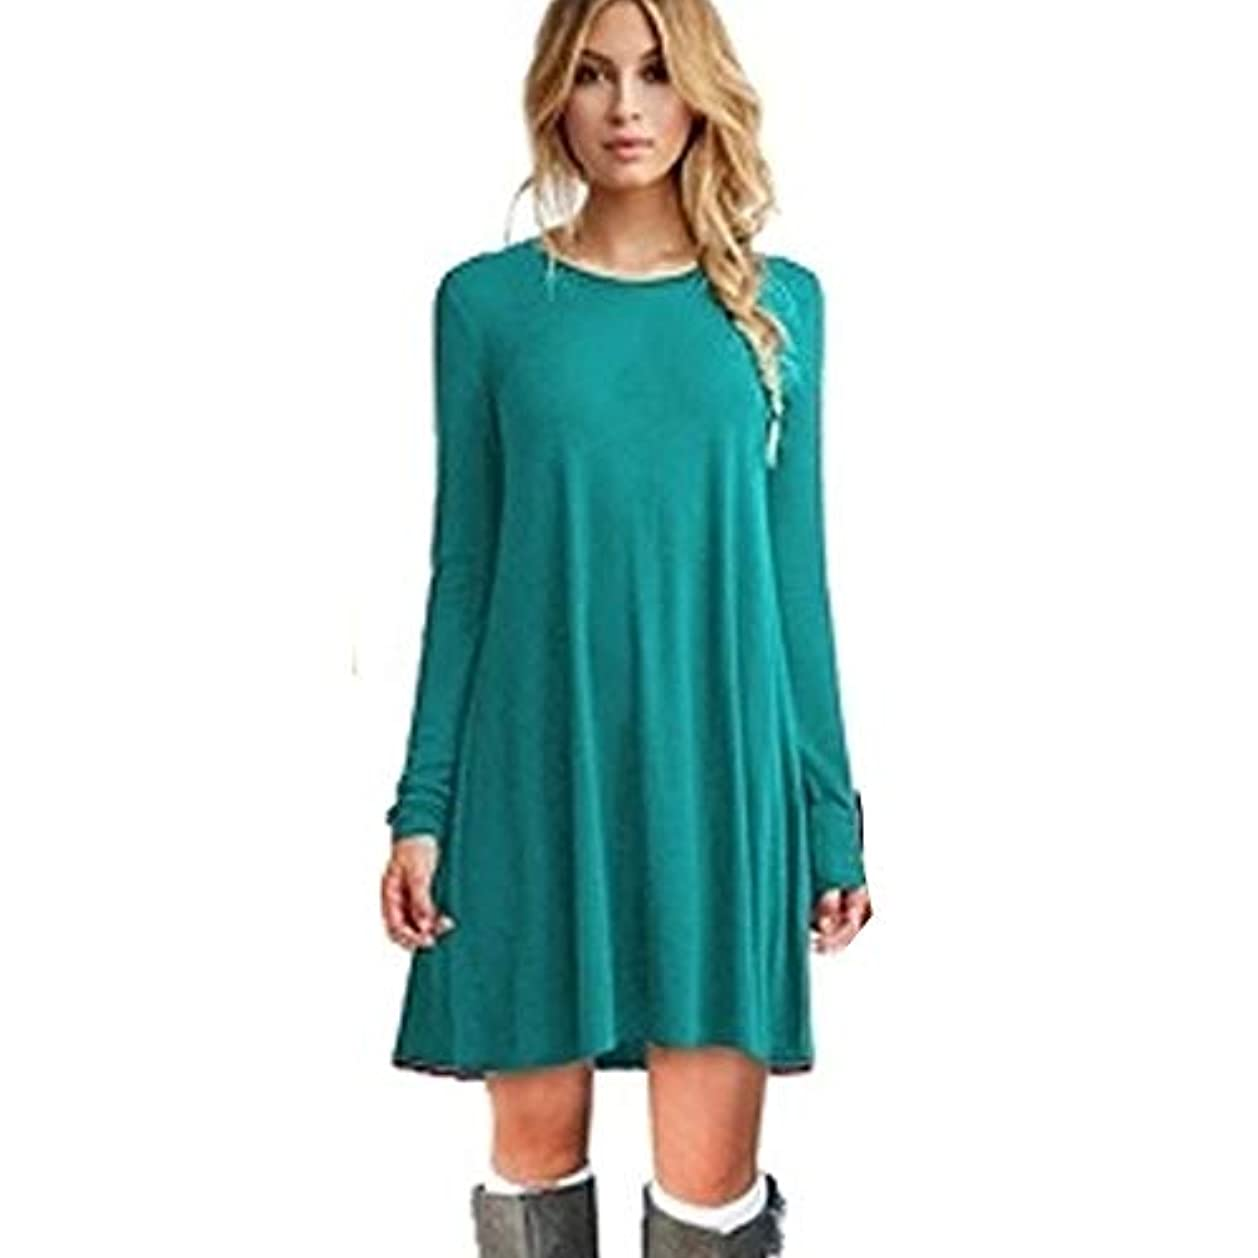 報いるくしゃみ好戦的なMIFANルースドレス、プラスサイズのドレス、長袖のドレス、女性のドレス、秋のドレス、マキシドレス、コットンドレス